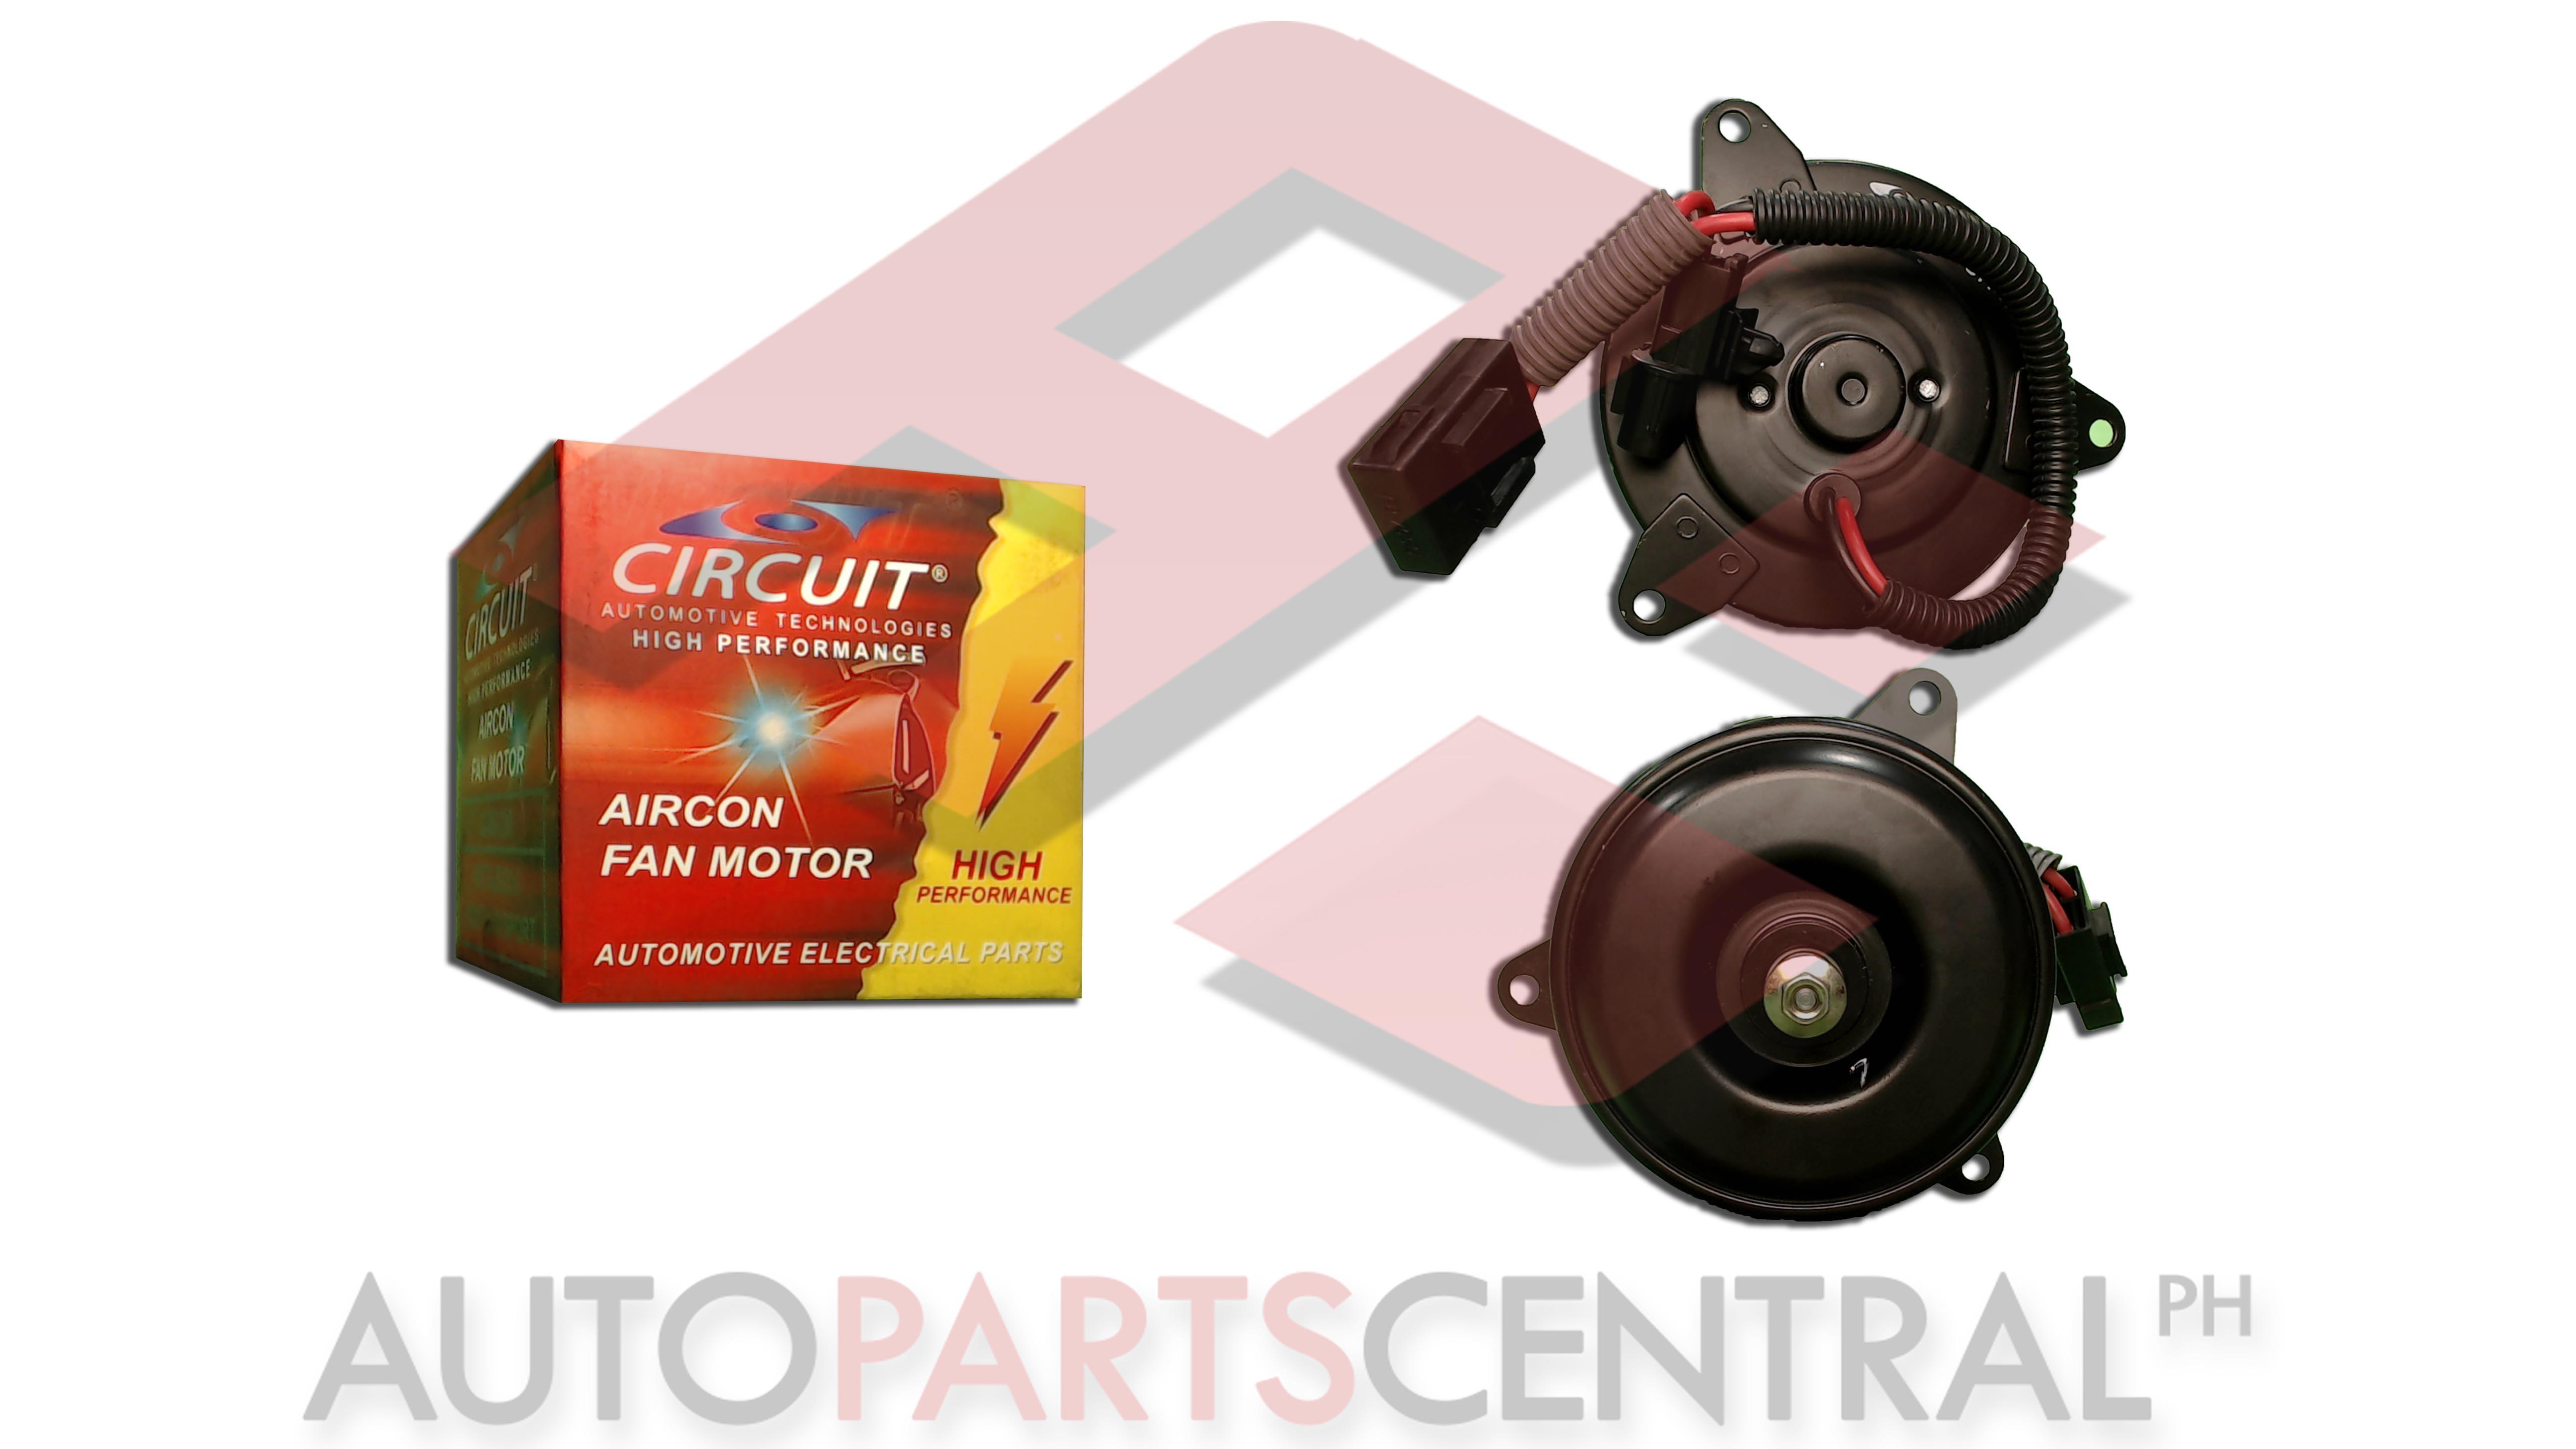 aircon fan motor circuit cam 3k kia sorento autopartscentralph rh  autopartscentral ph 2011 kia sorento engine